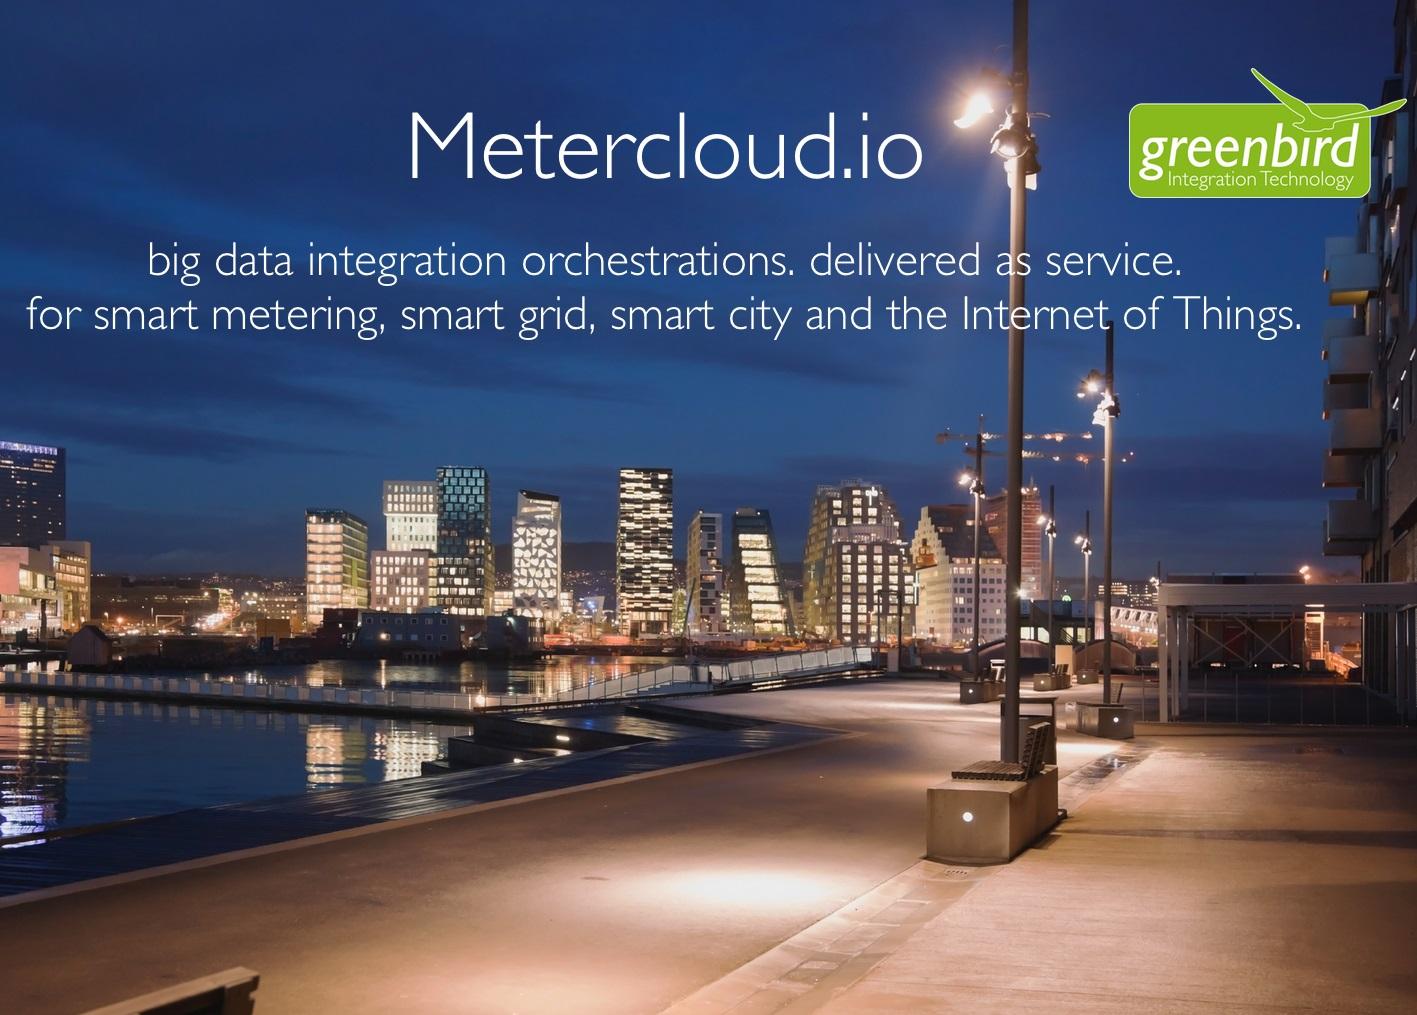 Energiewende, smart Meter, smart Grid, IoT